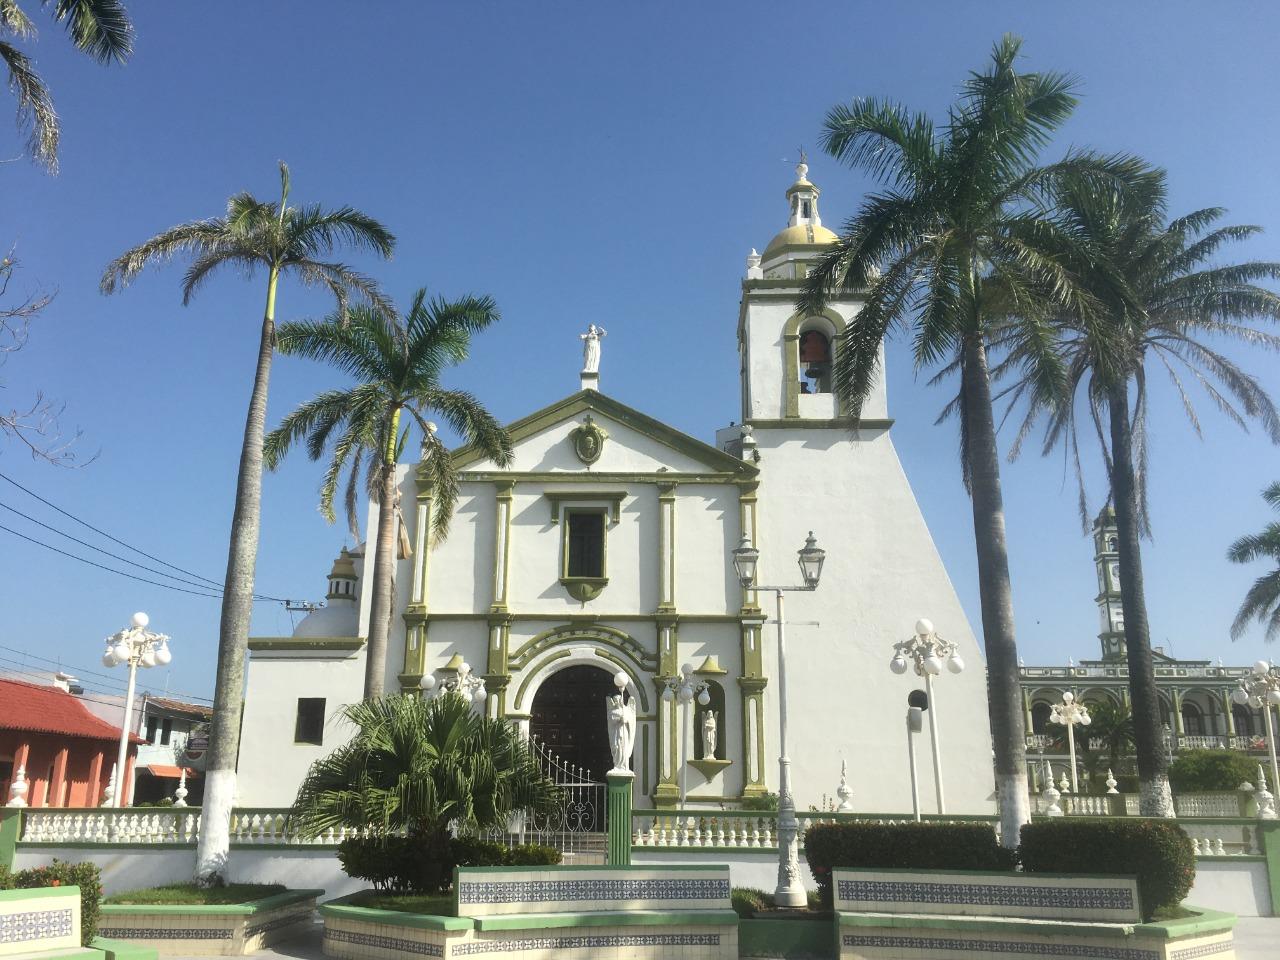 Alvarado, parroquia Nuestra Señora del Rosario